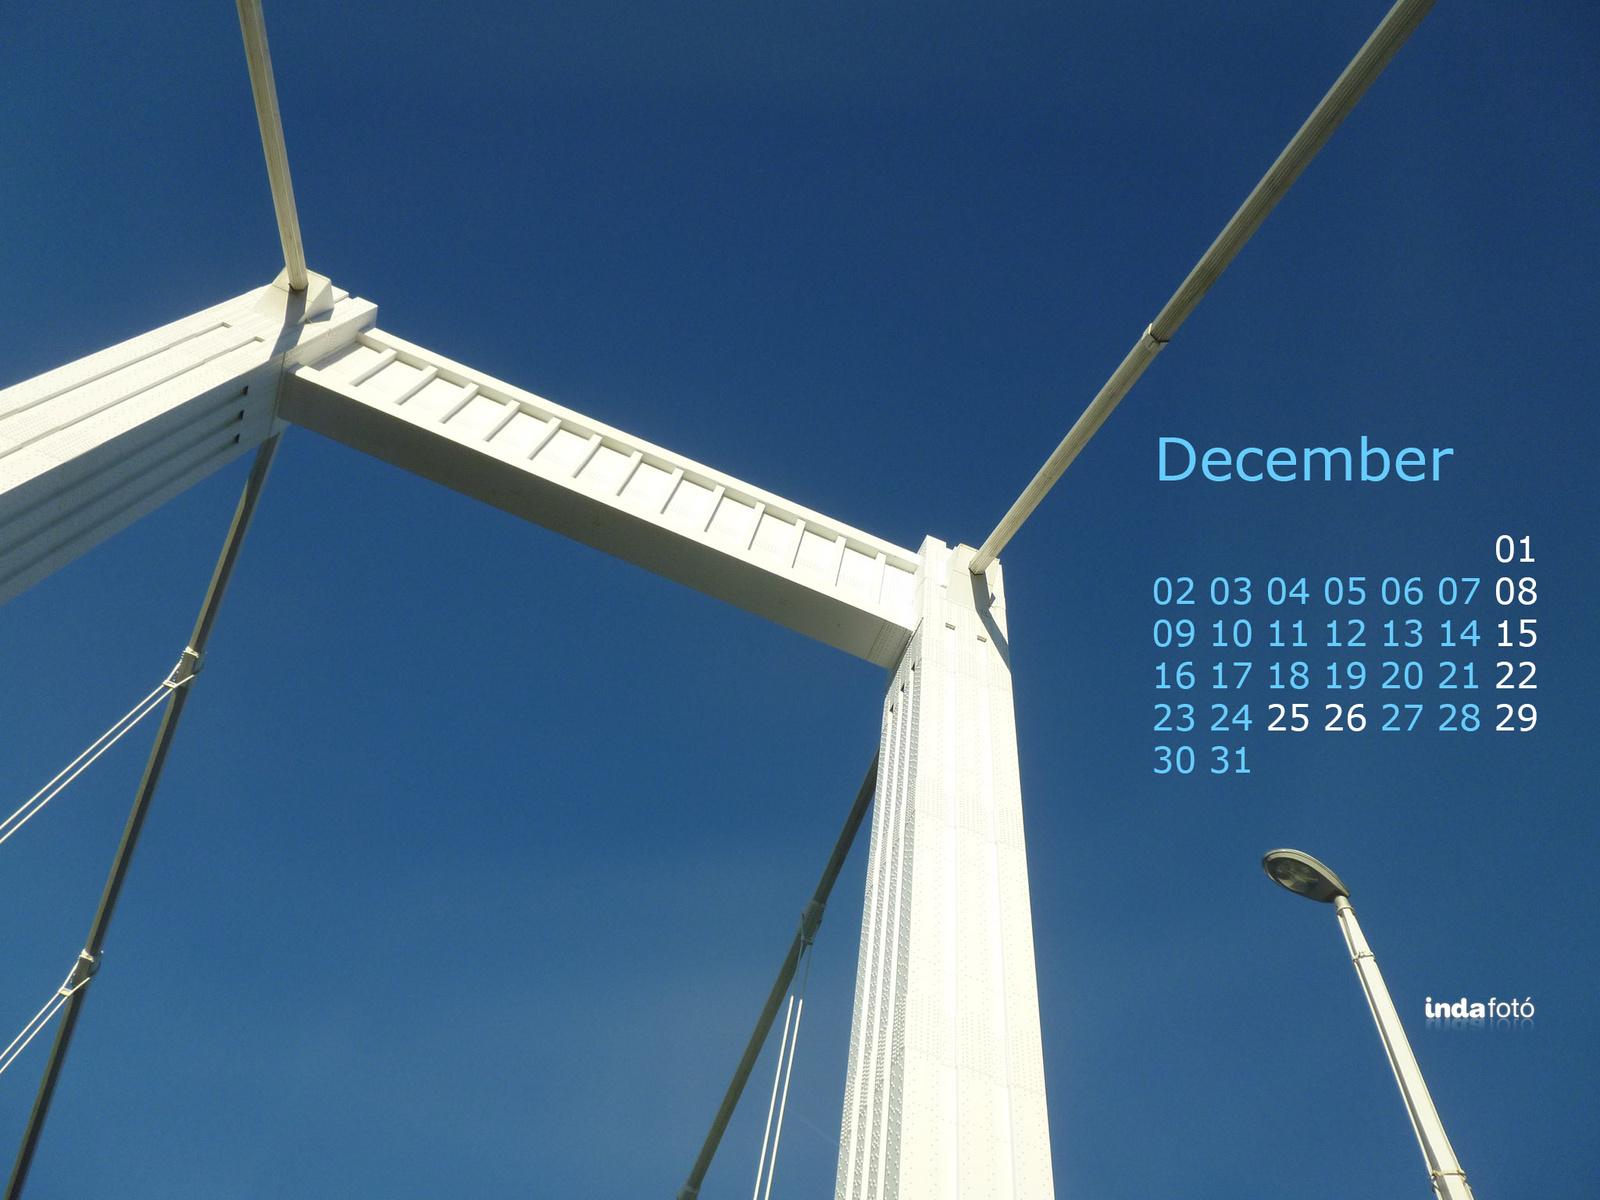 fovarosiblog december 2048x1536